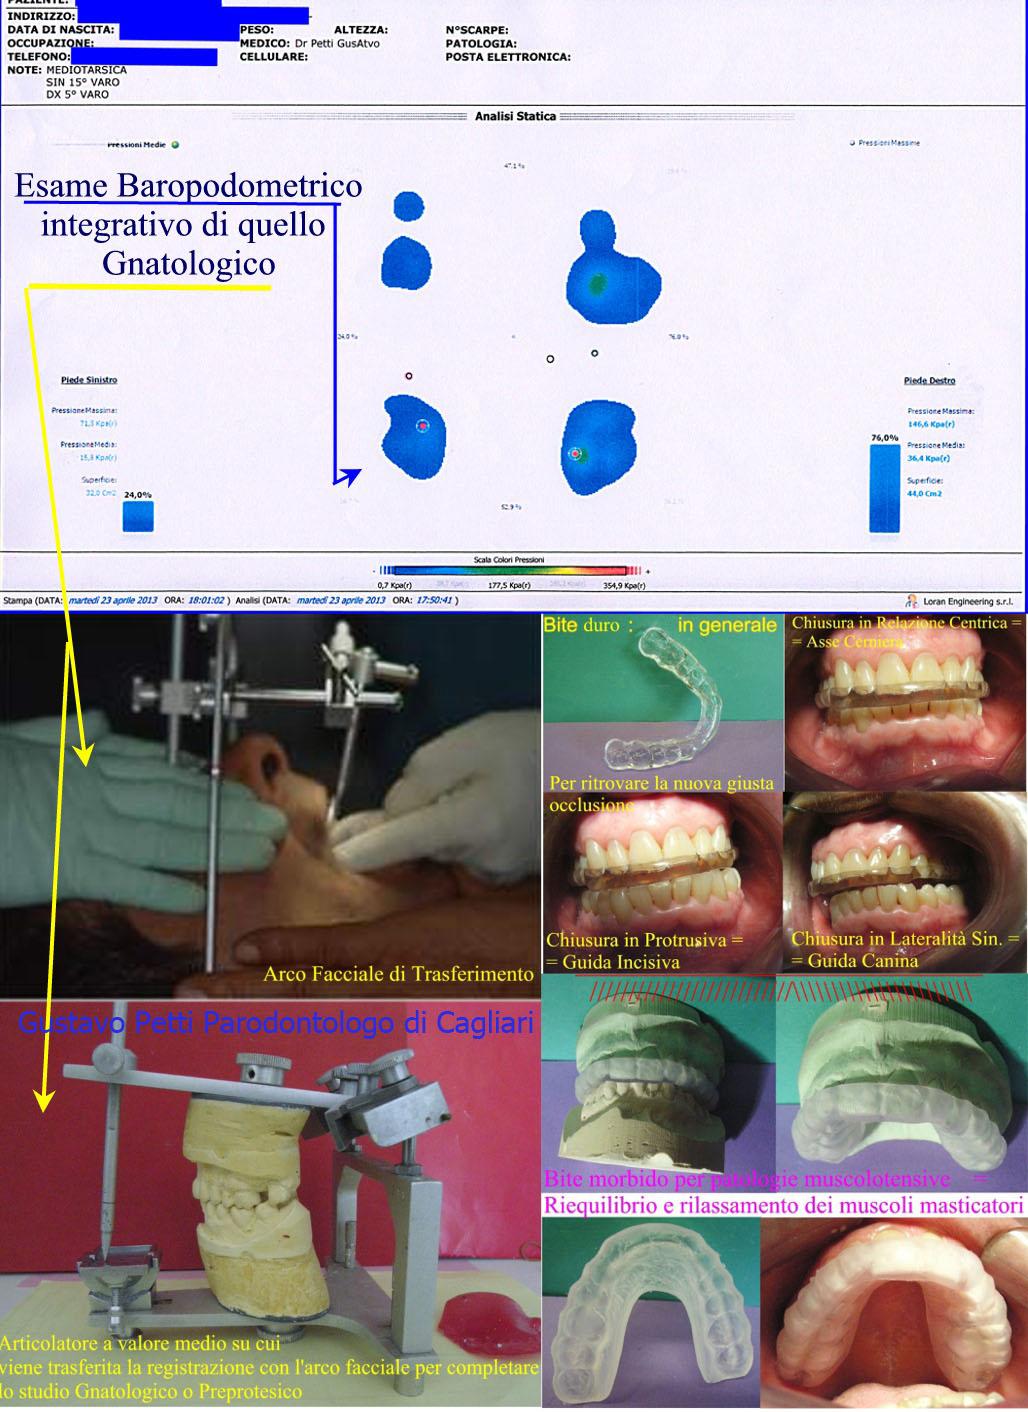 gnatologia-dr-g.petti-cagliari-275.jpg